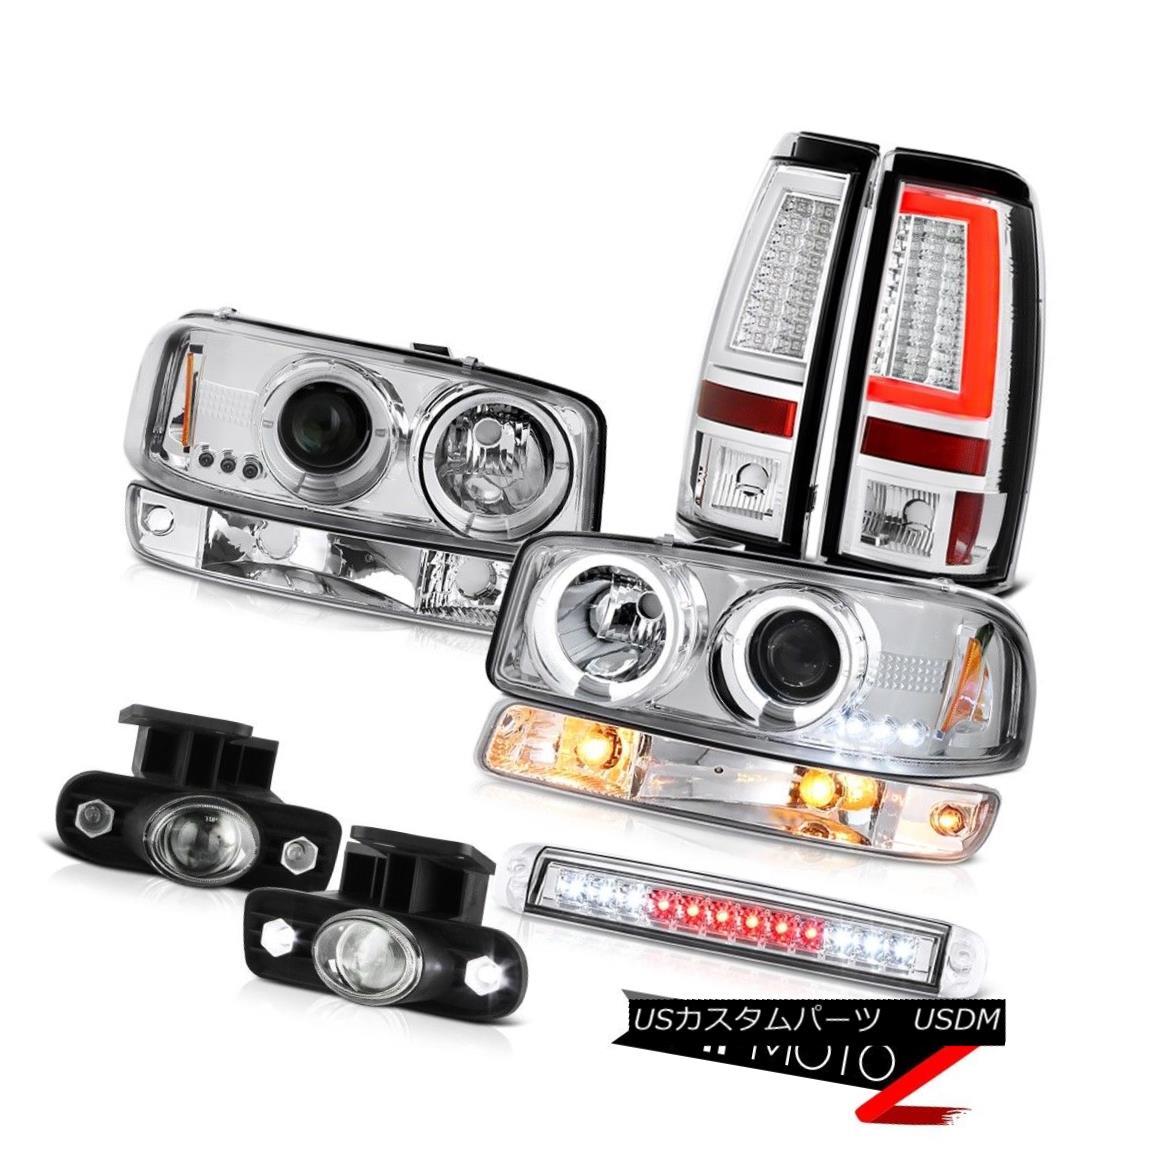 ライト・ランプ, ブレーキ・テールランプ  99 00 01 02 Sierra 6.6L Tail Lights Roof Cab Lamp Parking Fog Headlamps Halo Rim 99 00 01 02 Sierra 6.6LHalo Rim